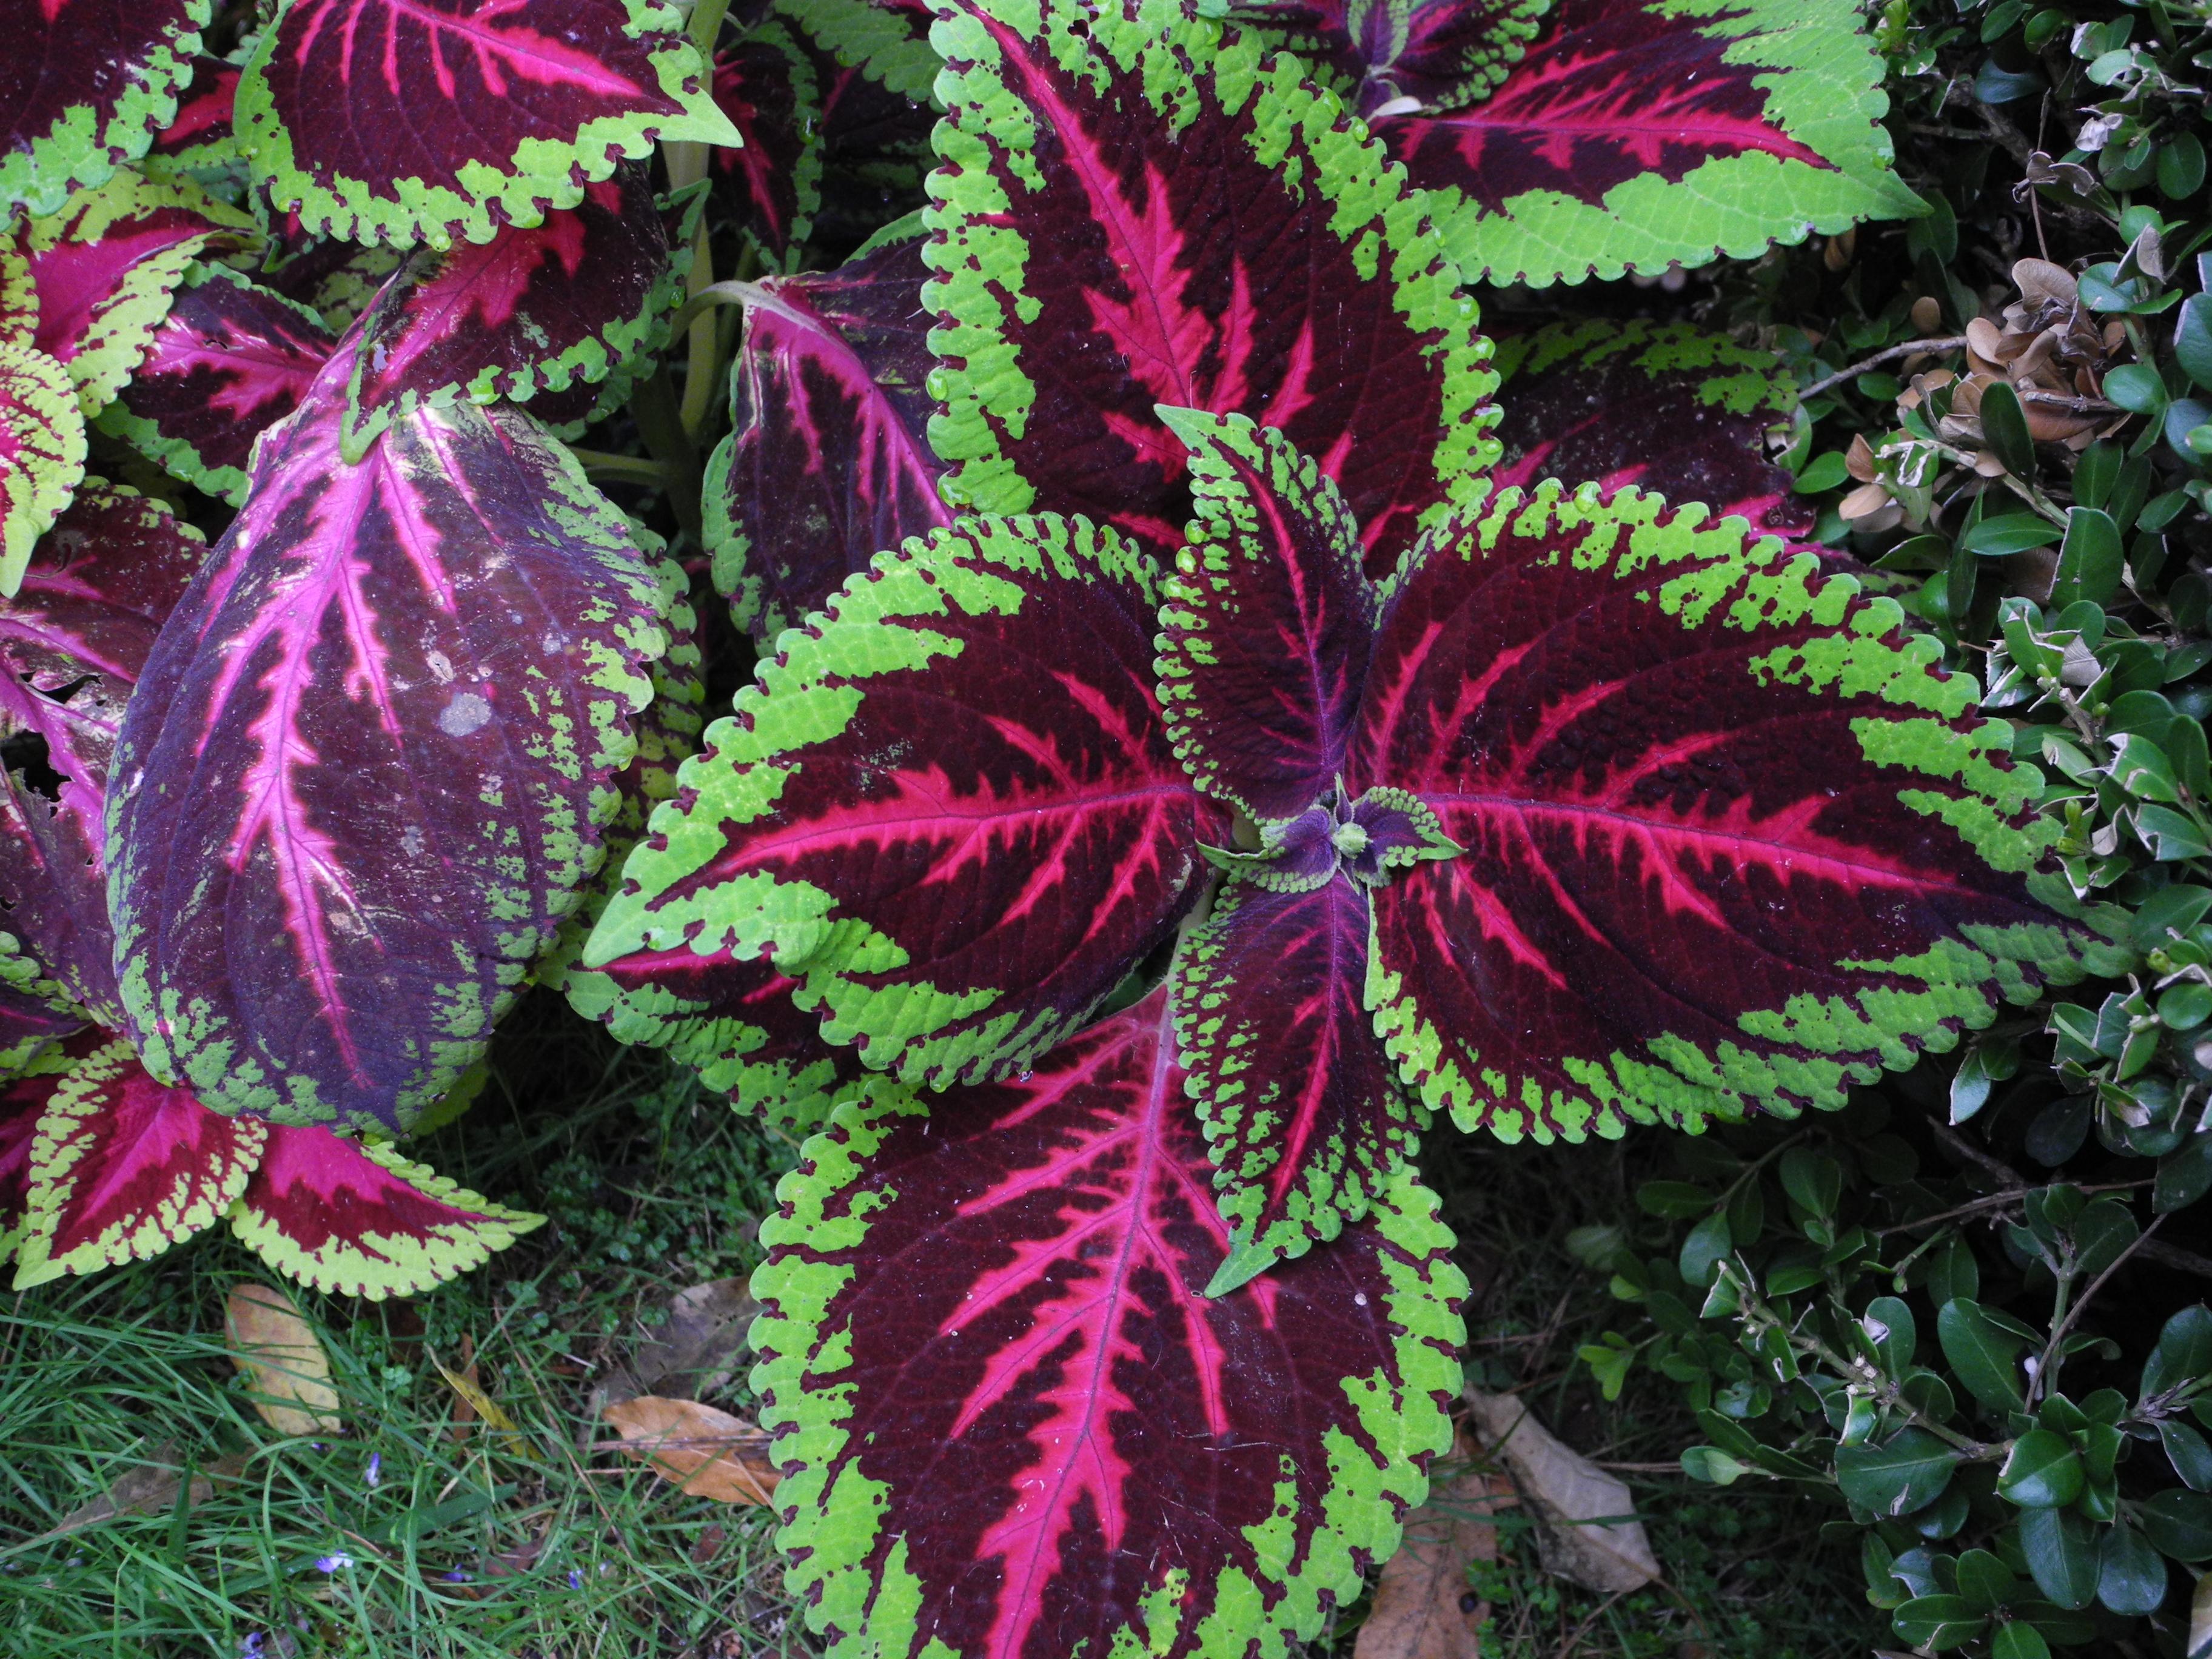 Plantas de jard n fotos de naturaleza for Plantas modernas para jardin